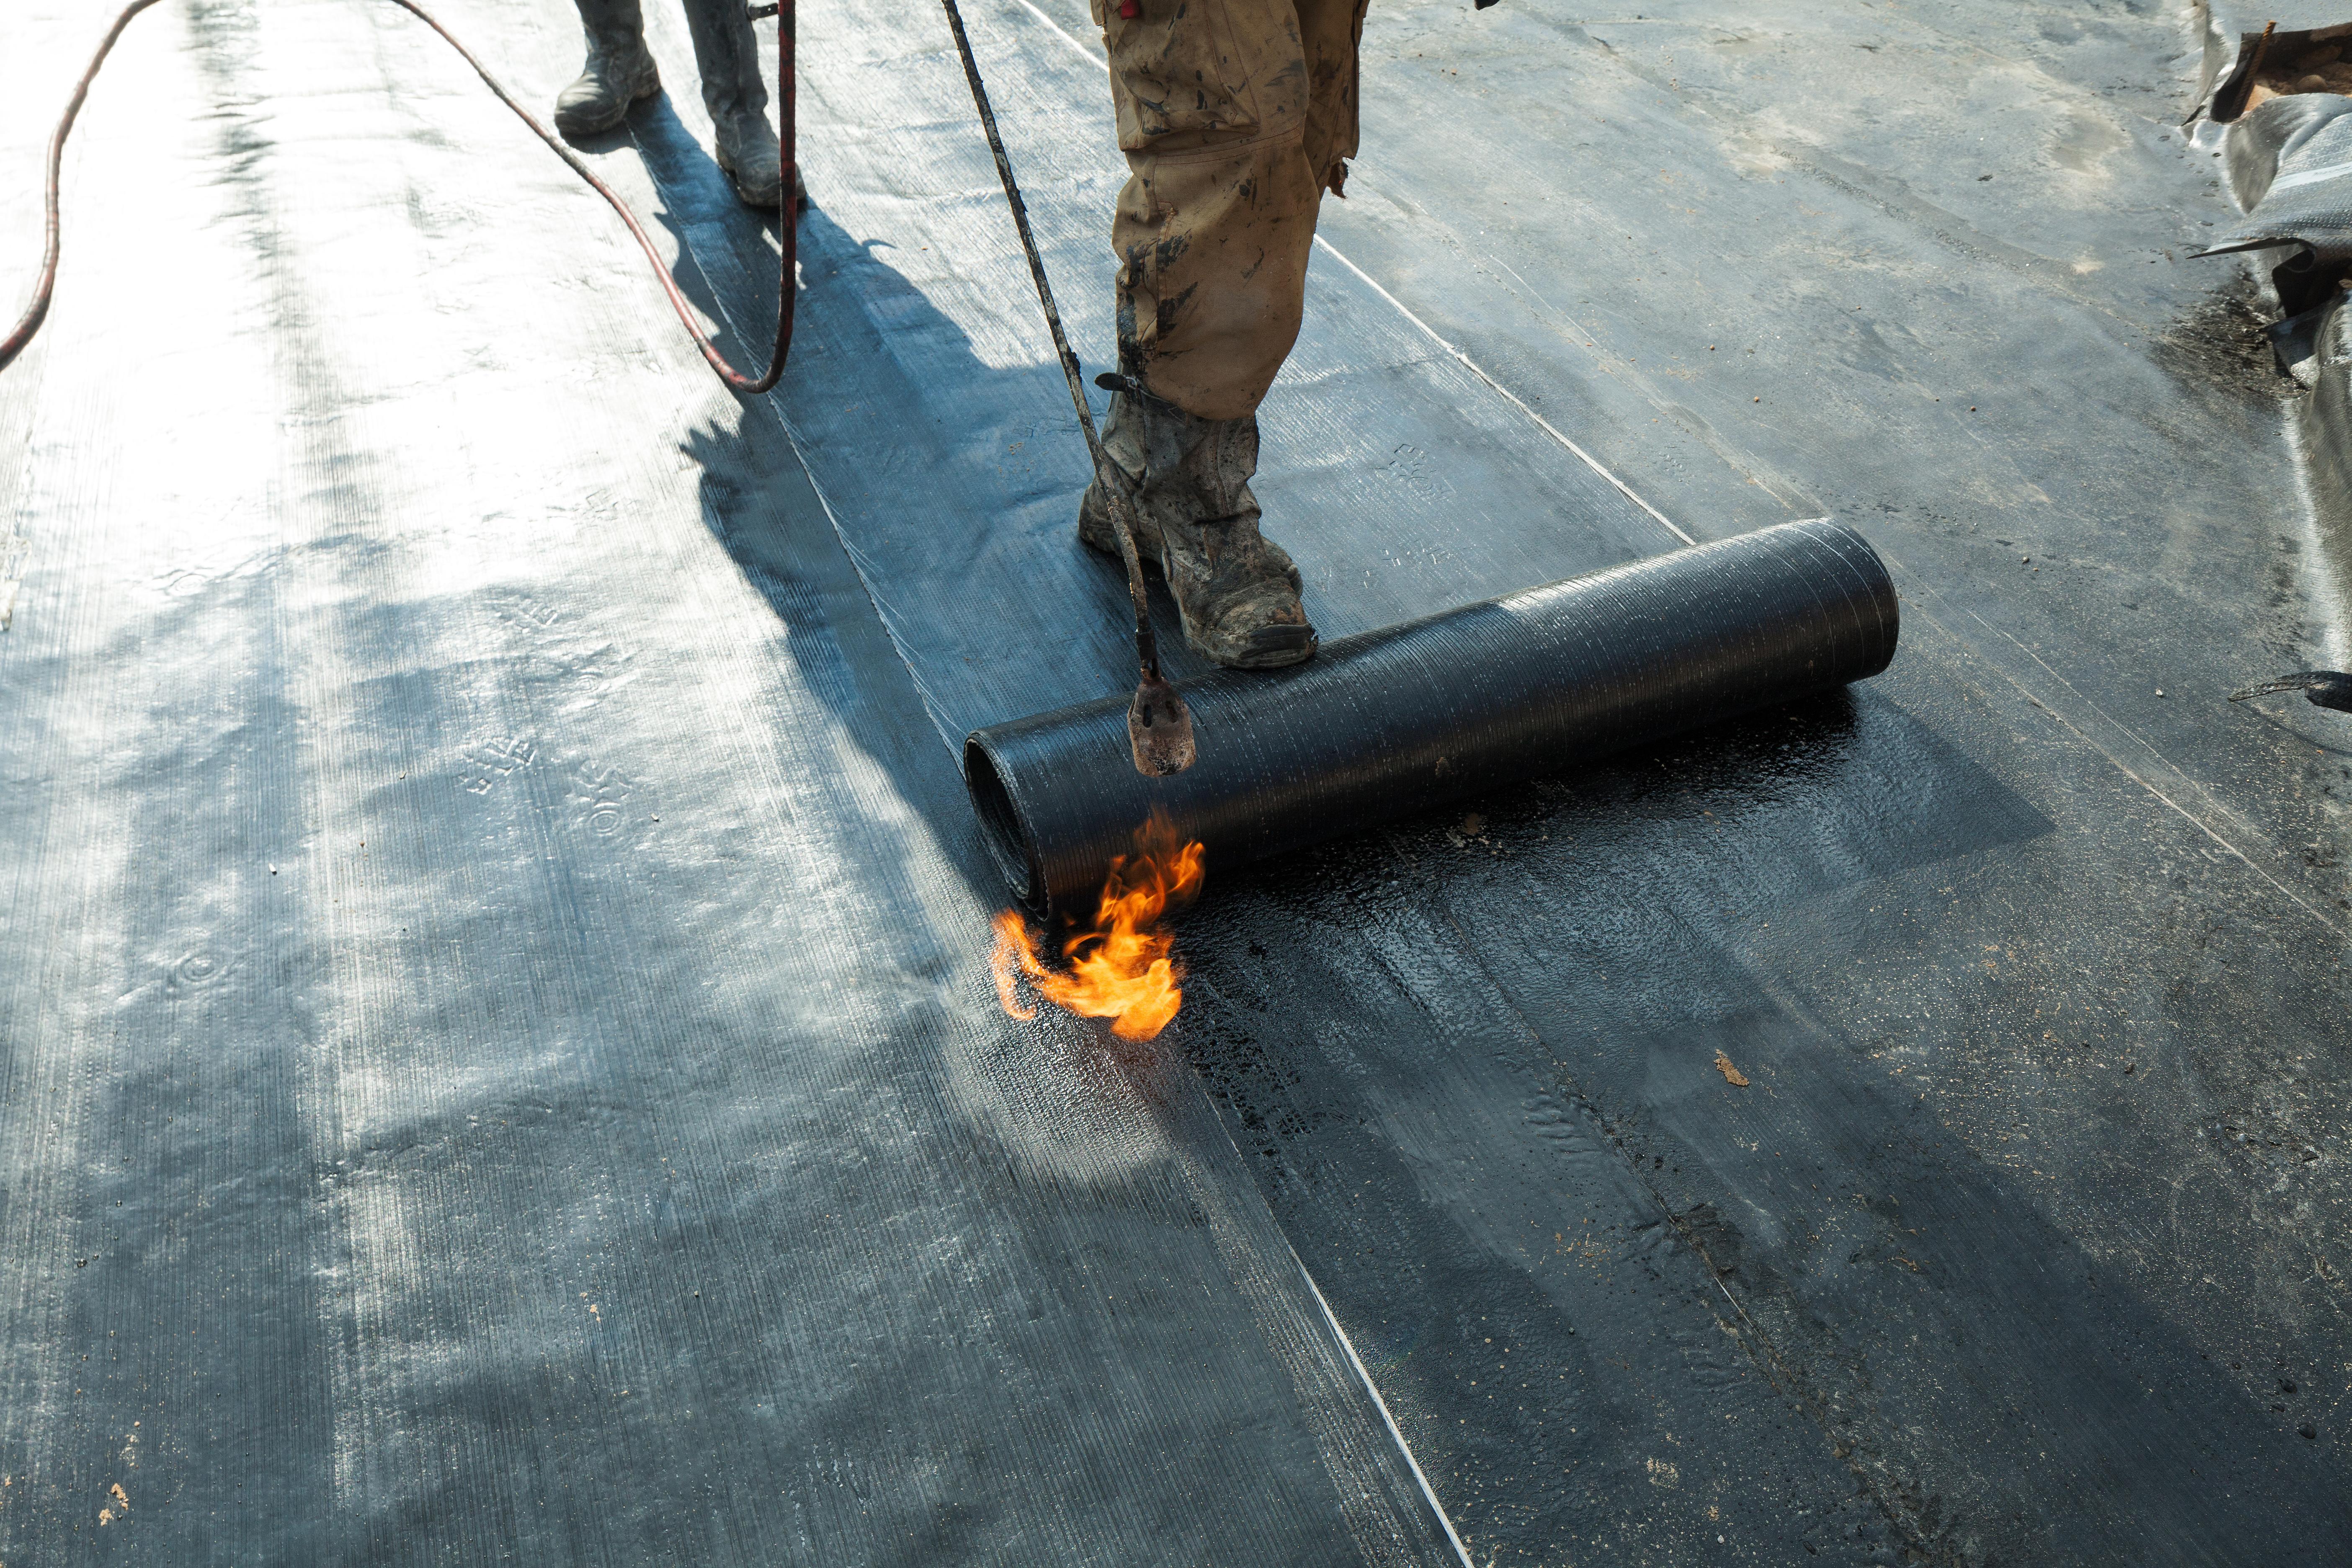 A floor being waterproofed